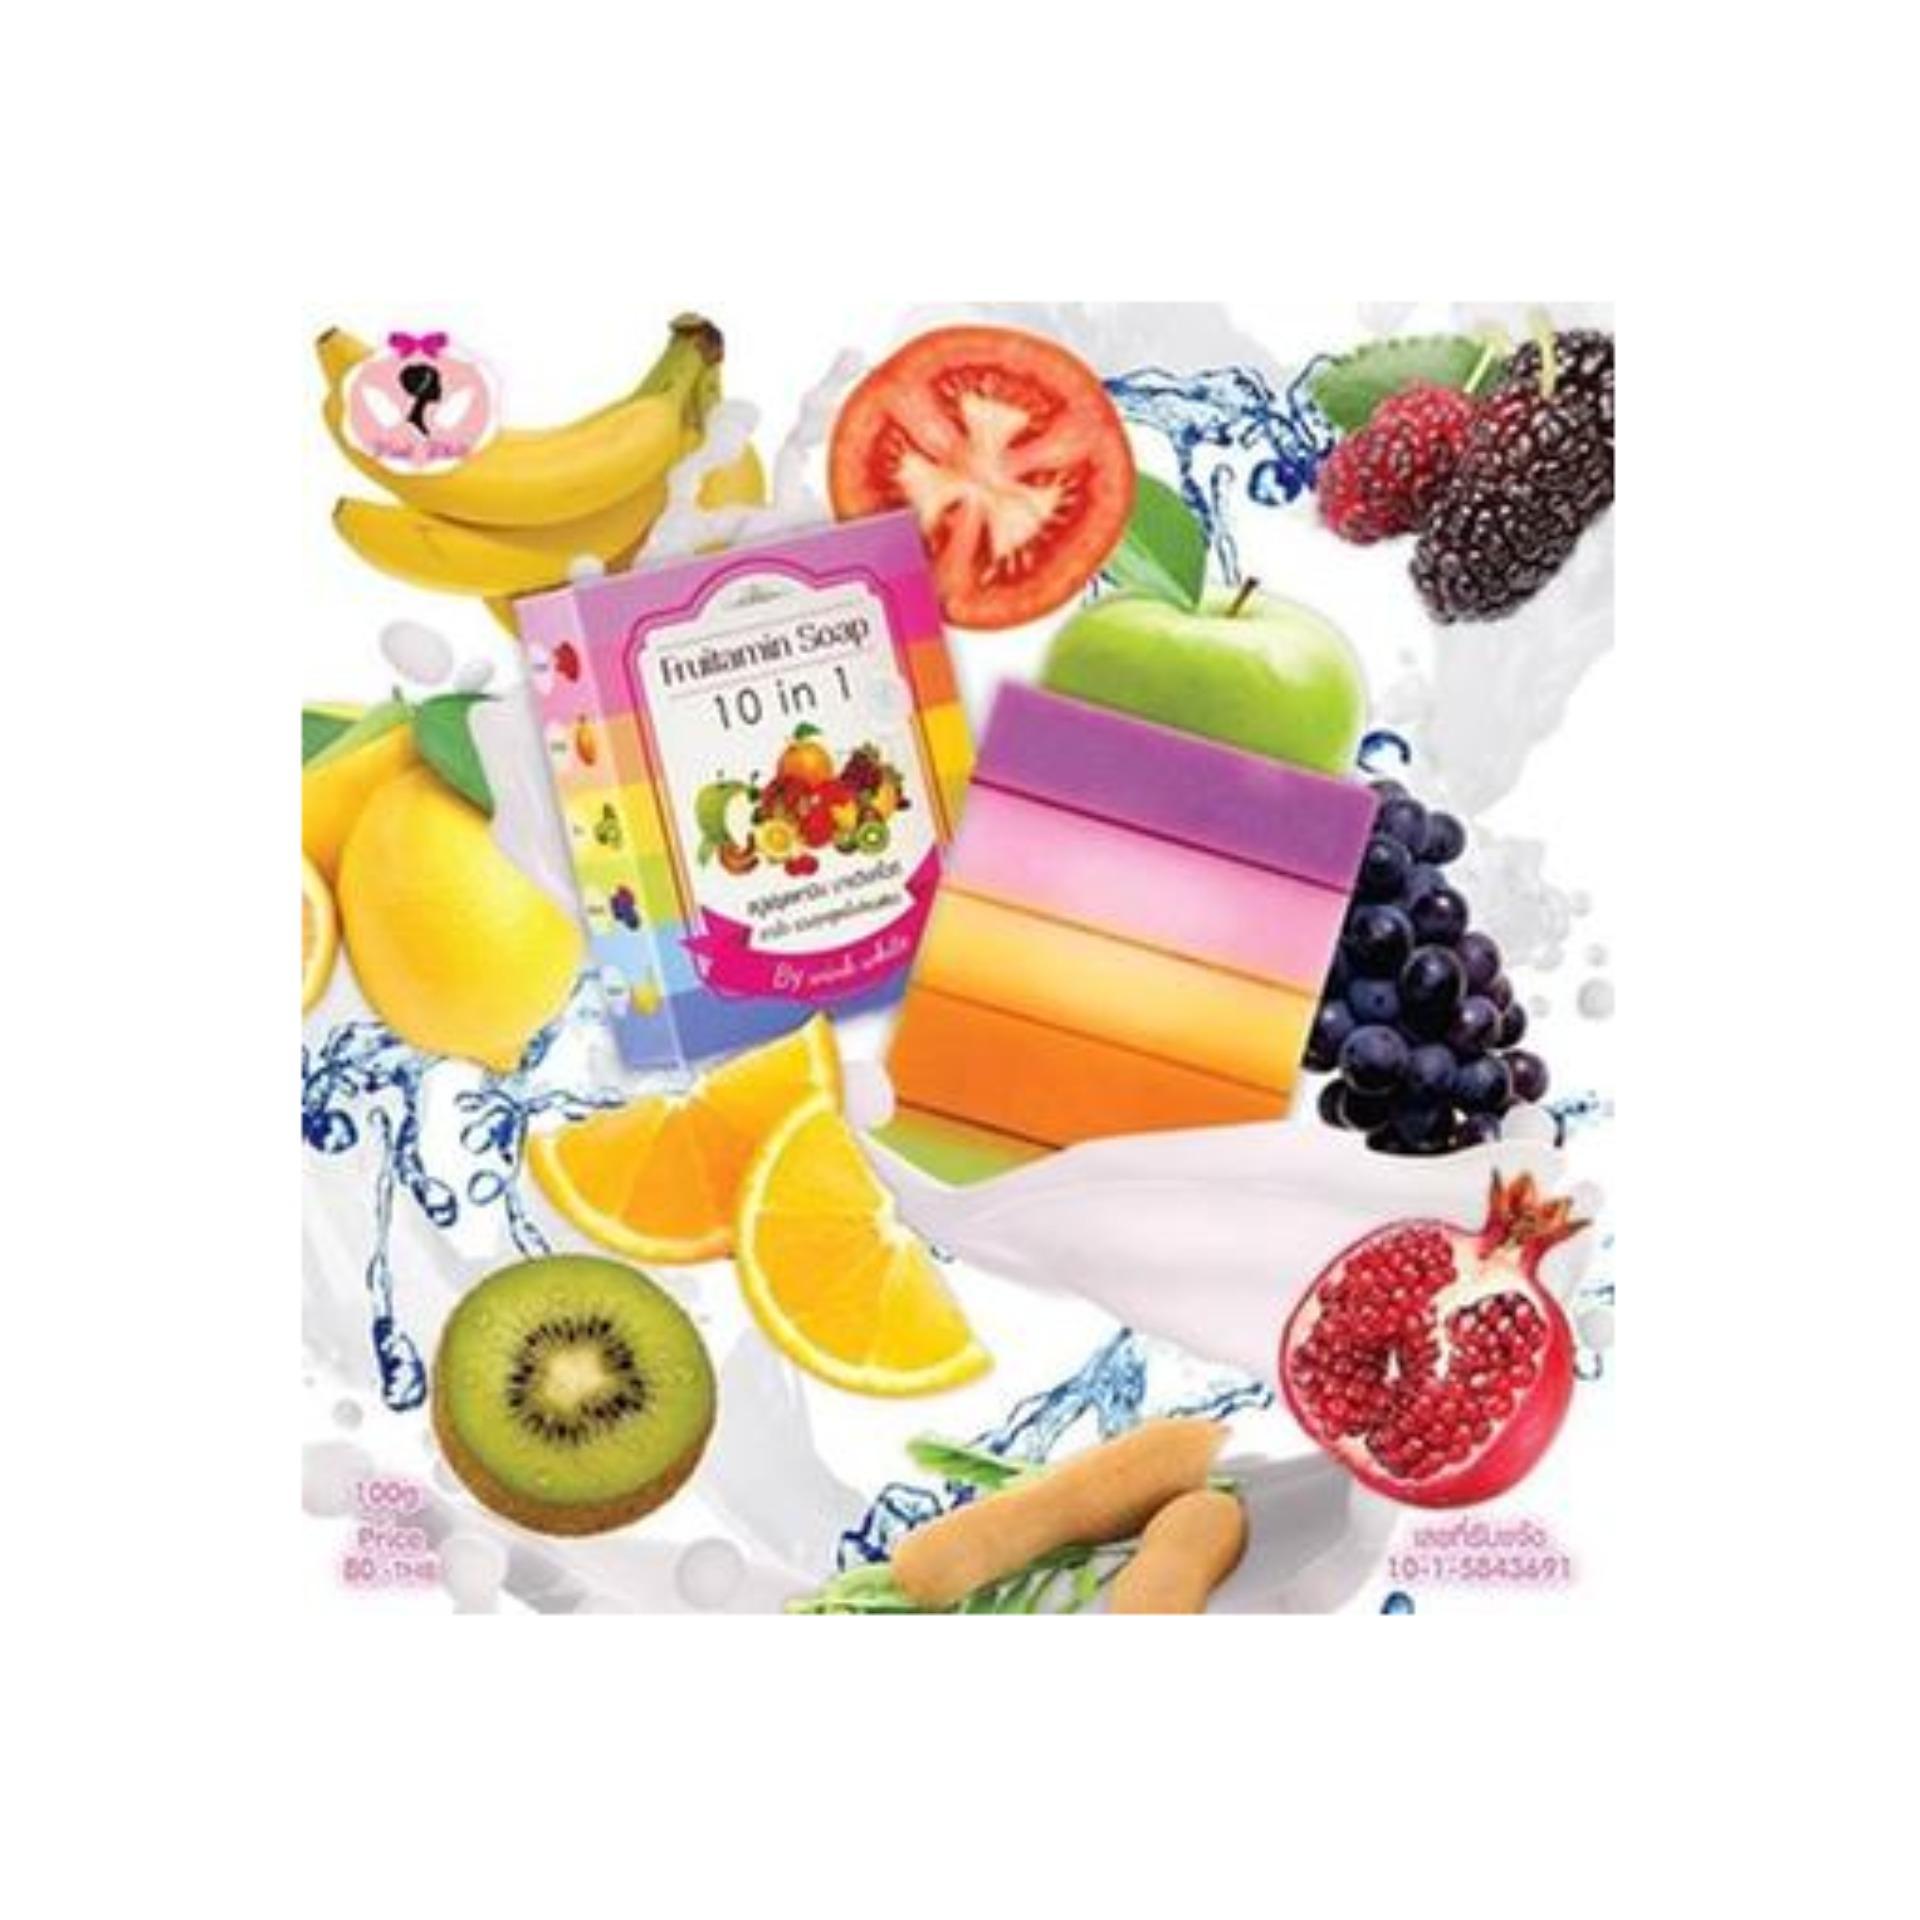 Spesifikasi Best Seller Sabun Pemutih Fruitamin Soap 10In1 By Wink White Original Thailand Beserta Harganya